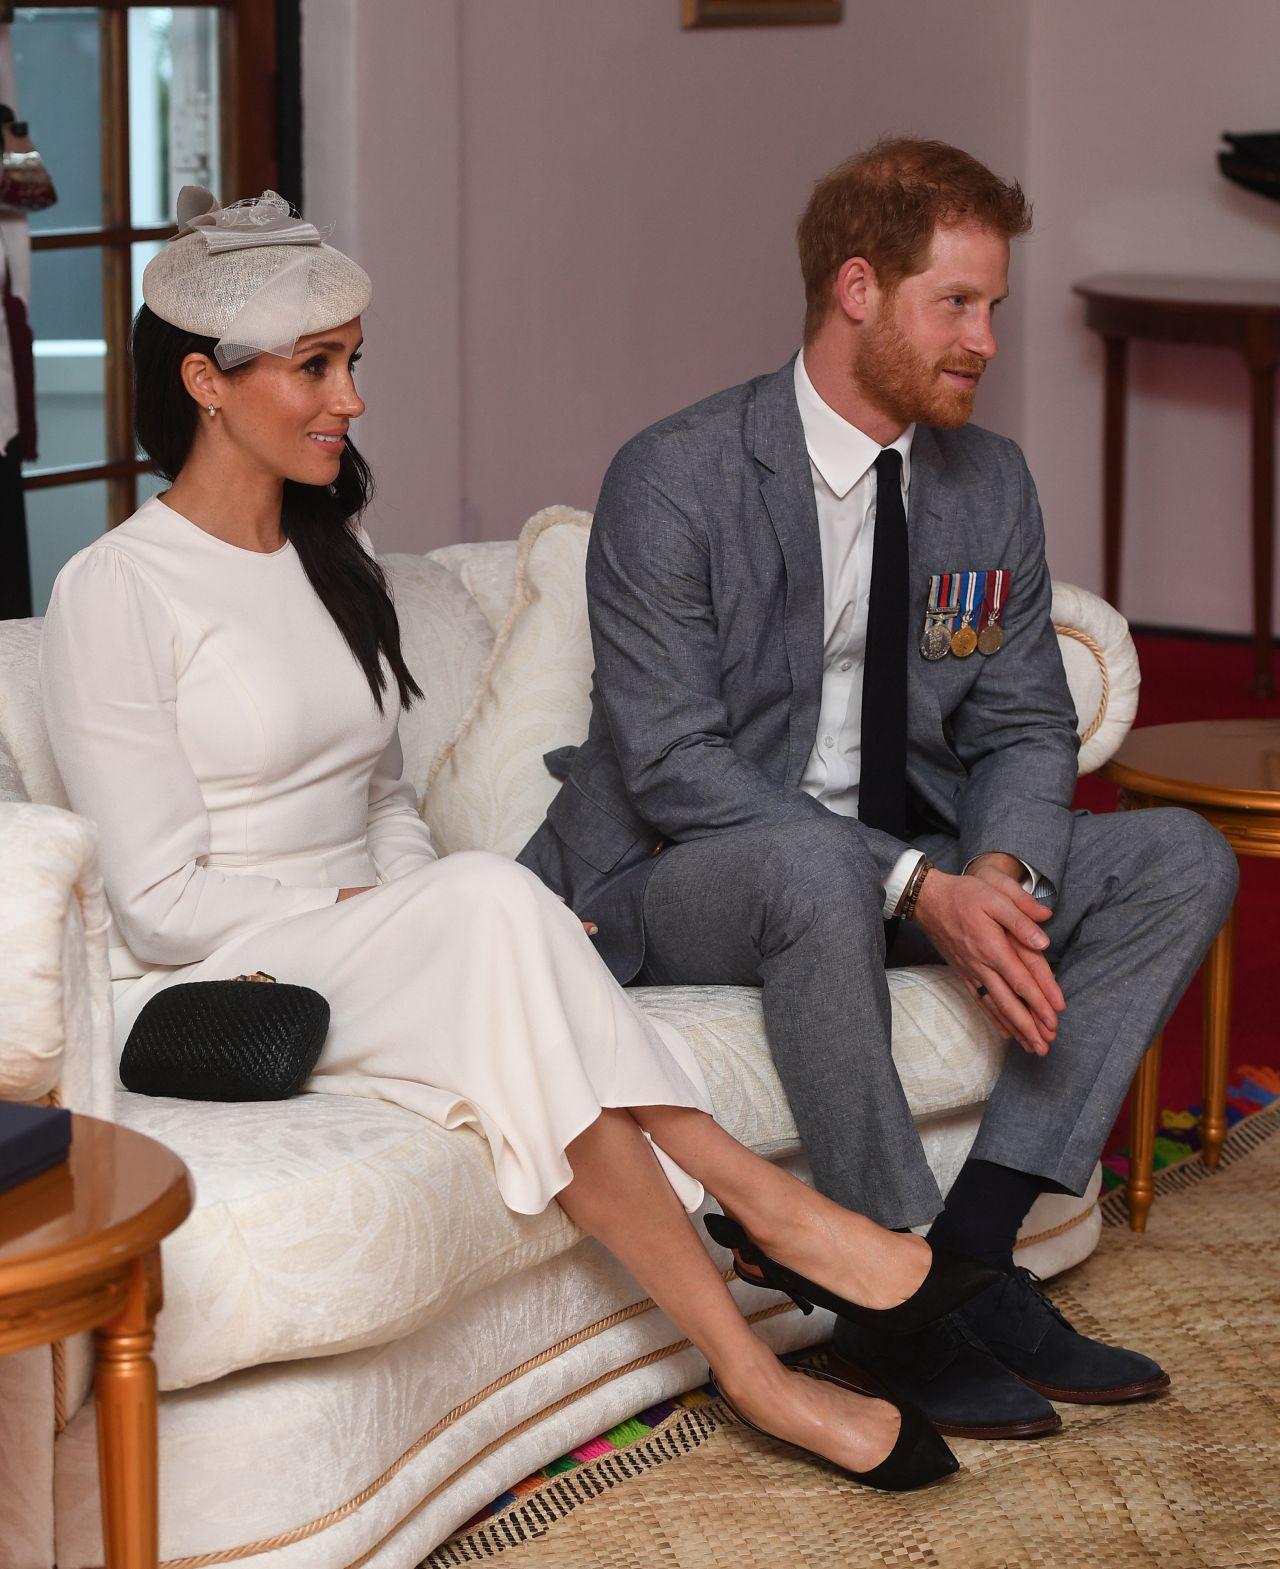 Meghan Markle And Prince Harry At Borron House In Suva, Fiji